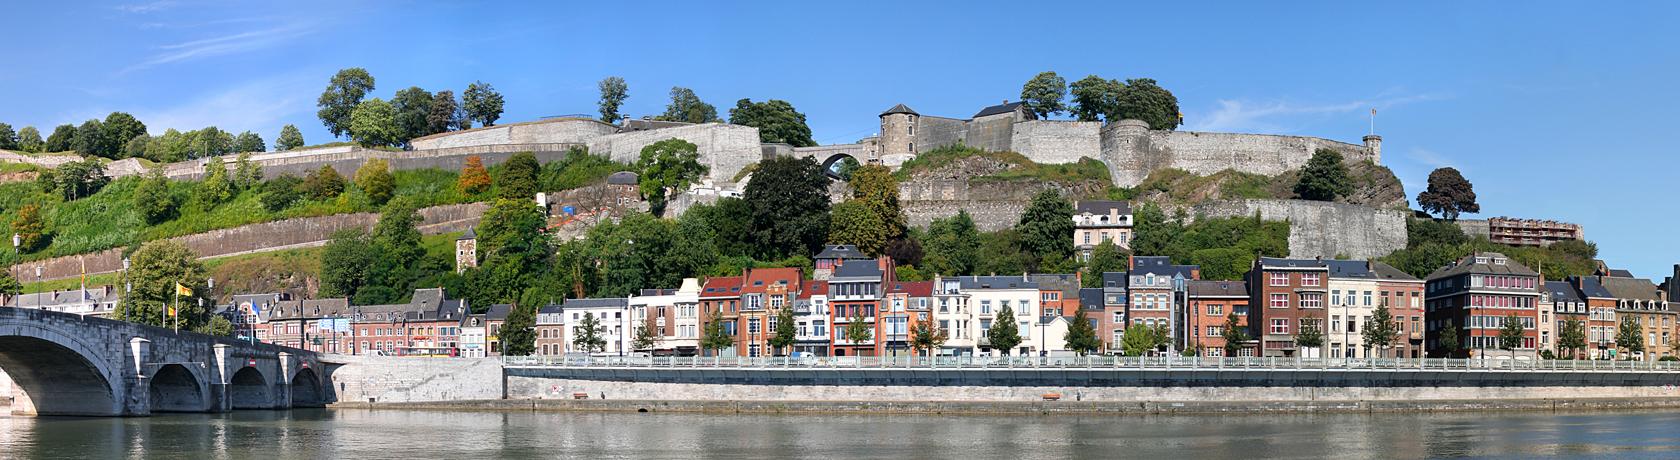 Namur.png#asset:240